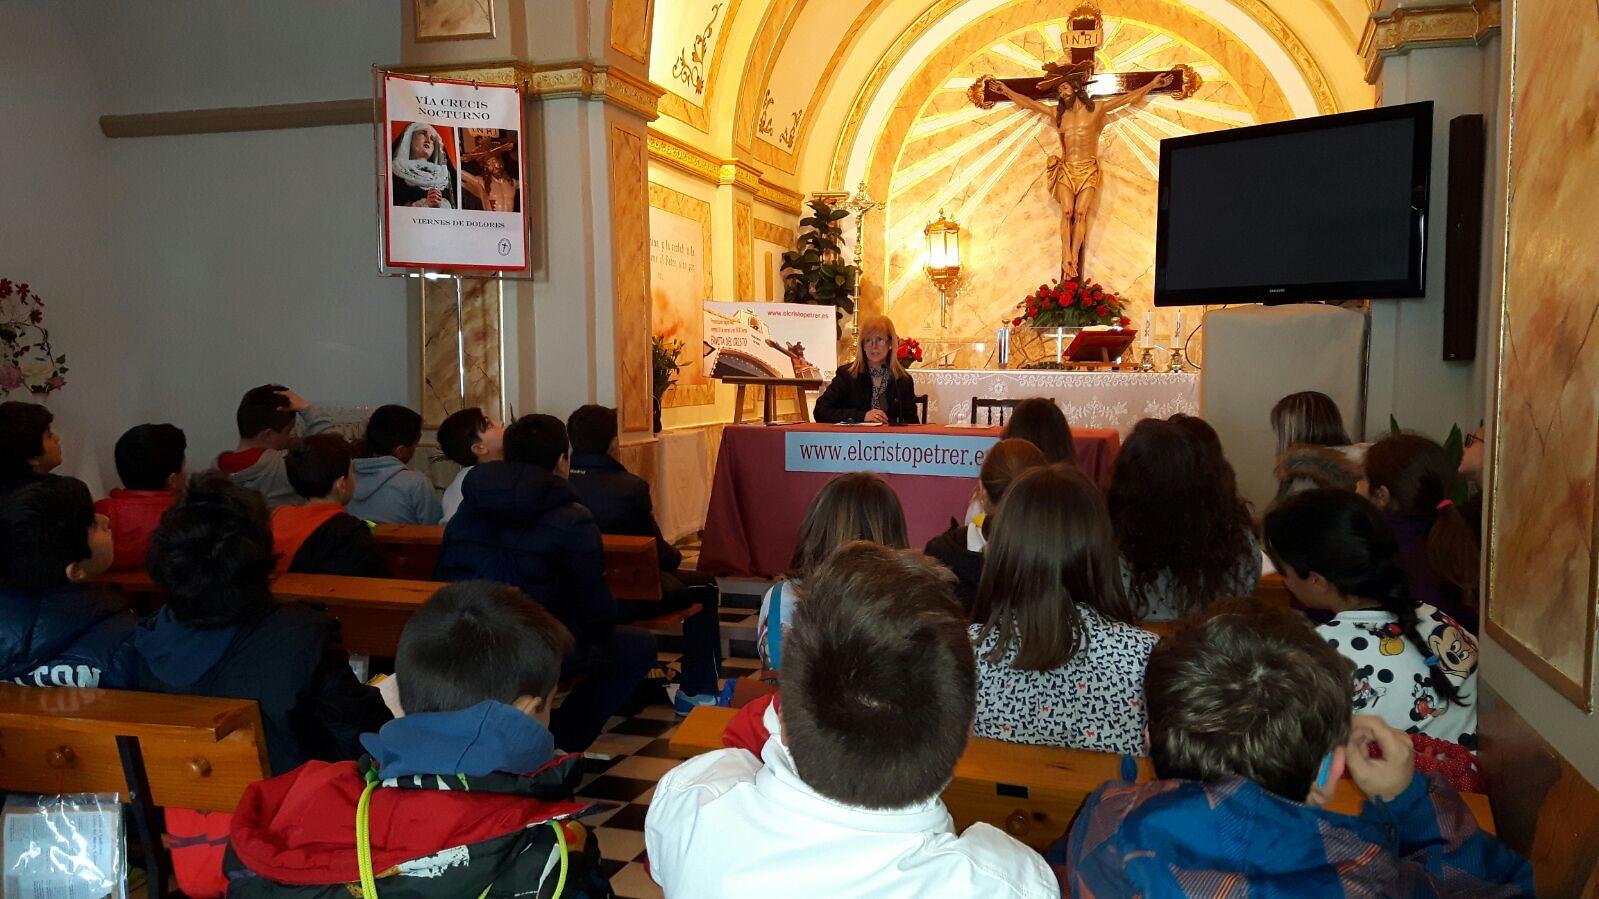 (2016-03-18) - aVisita ermita alumnos Pilar, profesora religión 9´Octubre - María Isabel Berenguer Brotons (10)